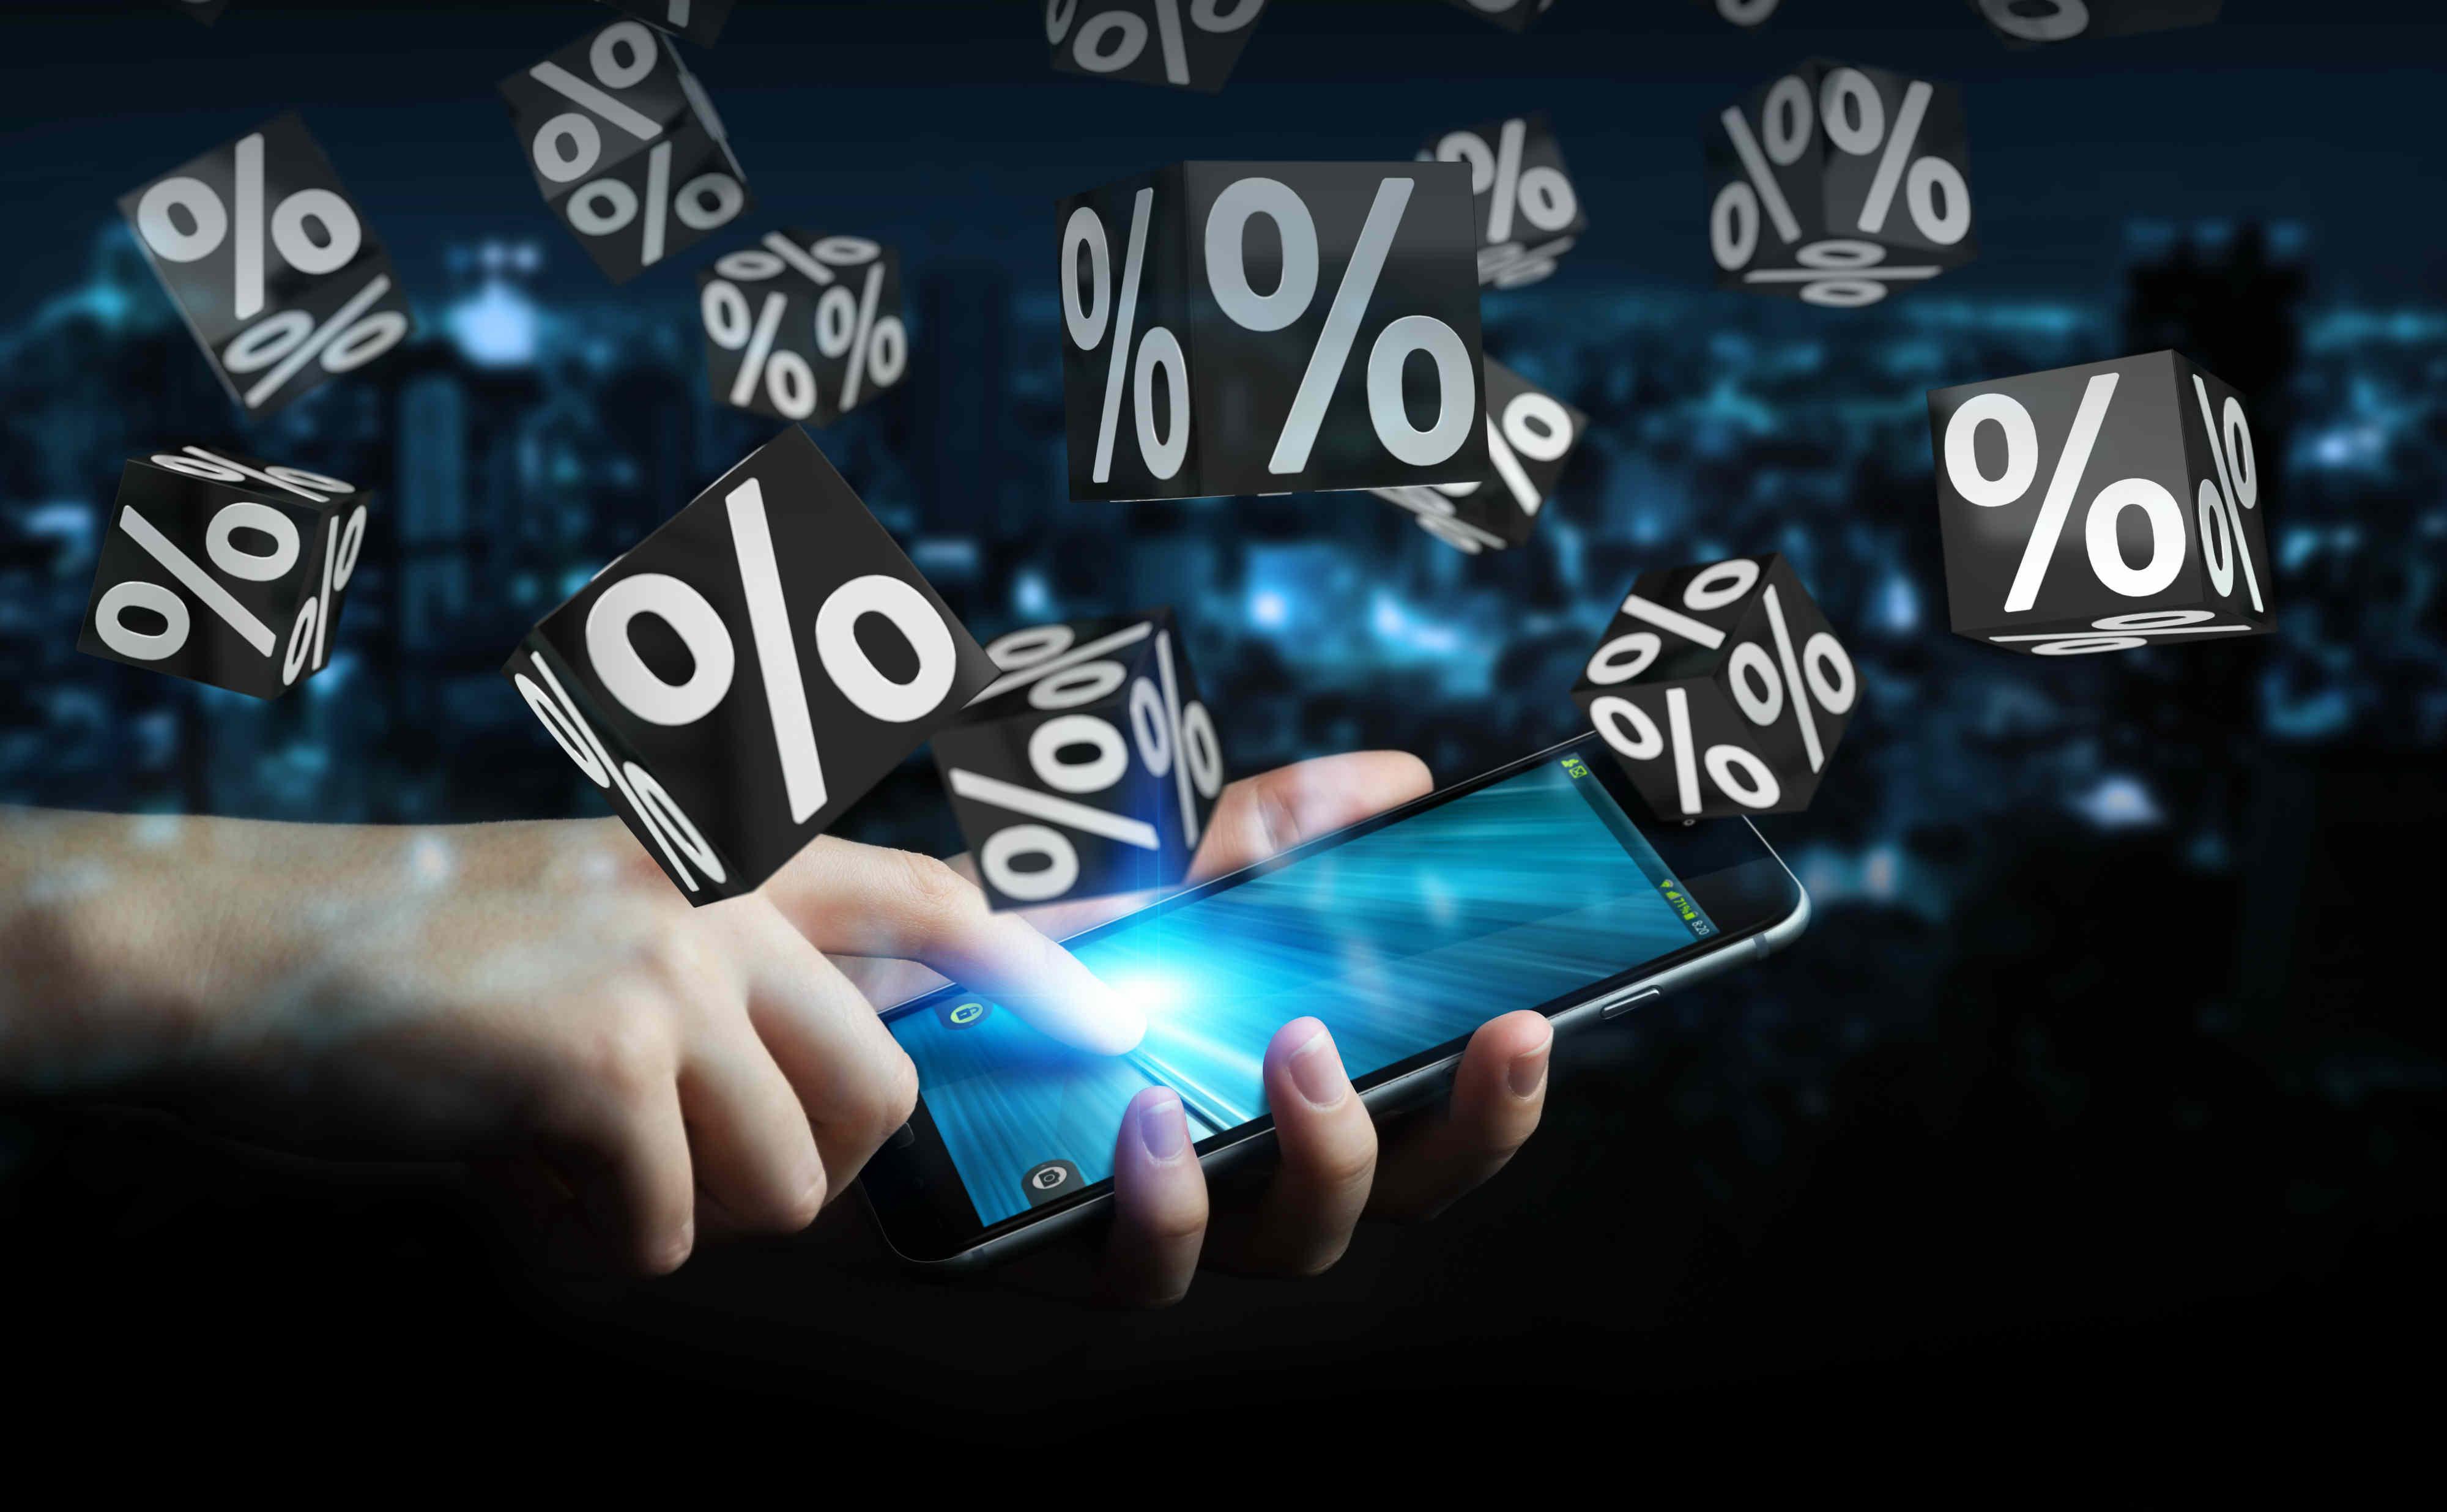 激安で携帯・スマホを購入するならauとソフトバンクのどっち?